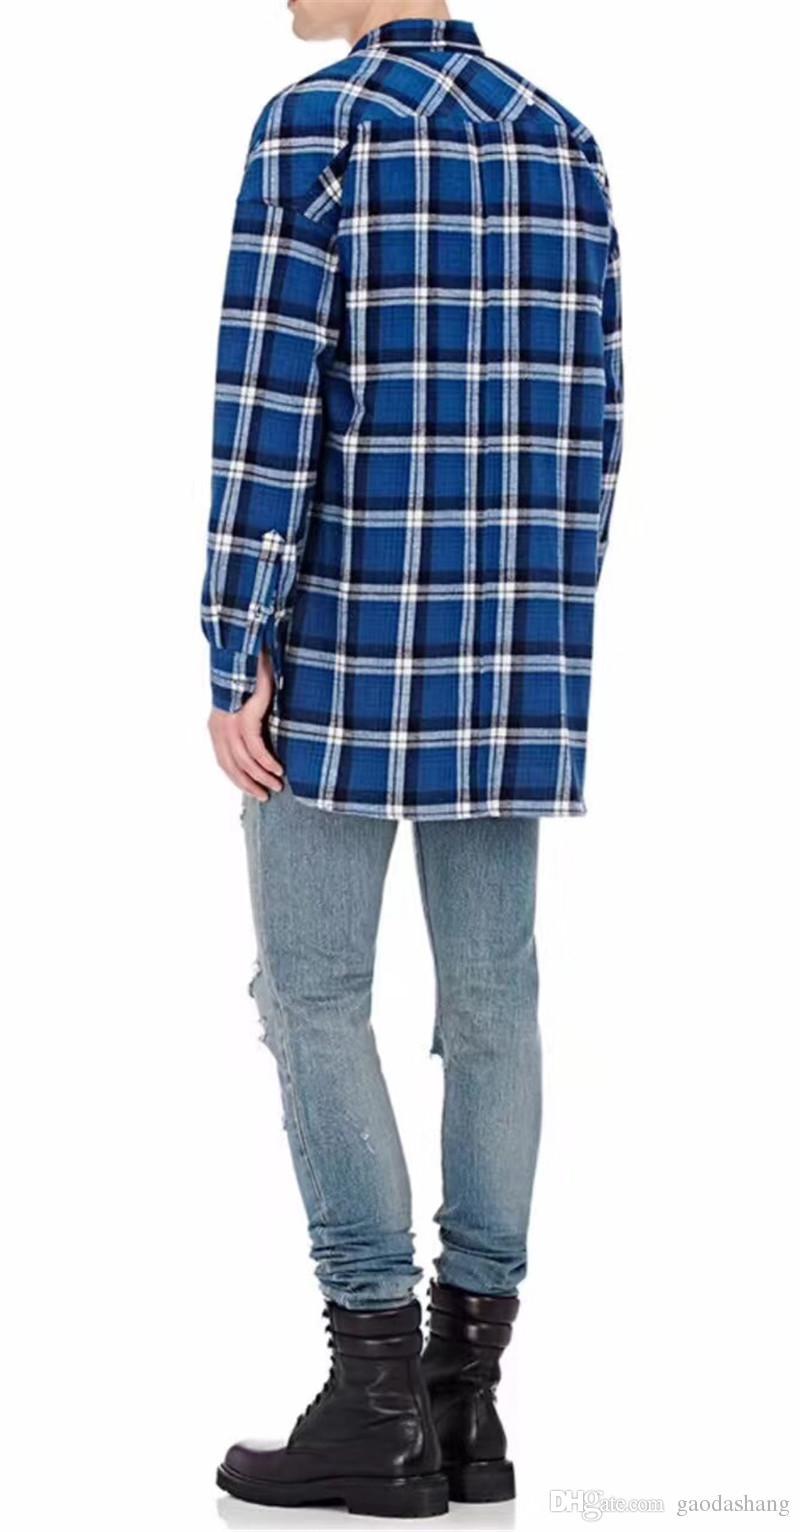 2018 Новый Страх Бога Рубашки Мужчины Женщины Высокое Качество Джастин Бибер Полосатый Фланелевые Рубашки Синий Коричневый Платье Рубашка Мода Рубашки